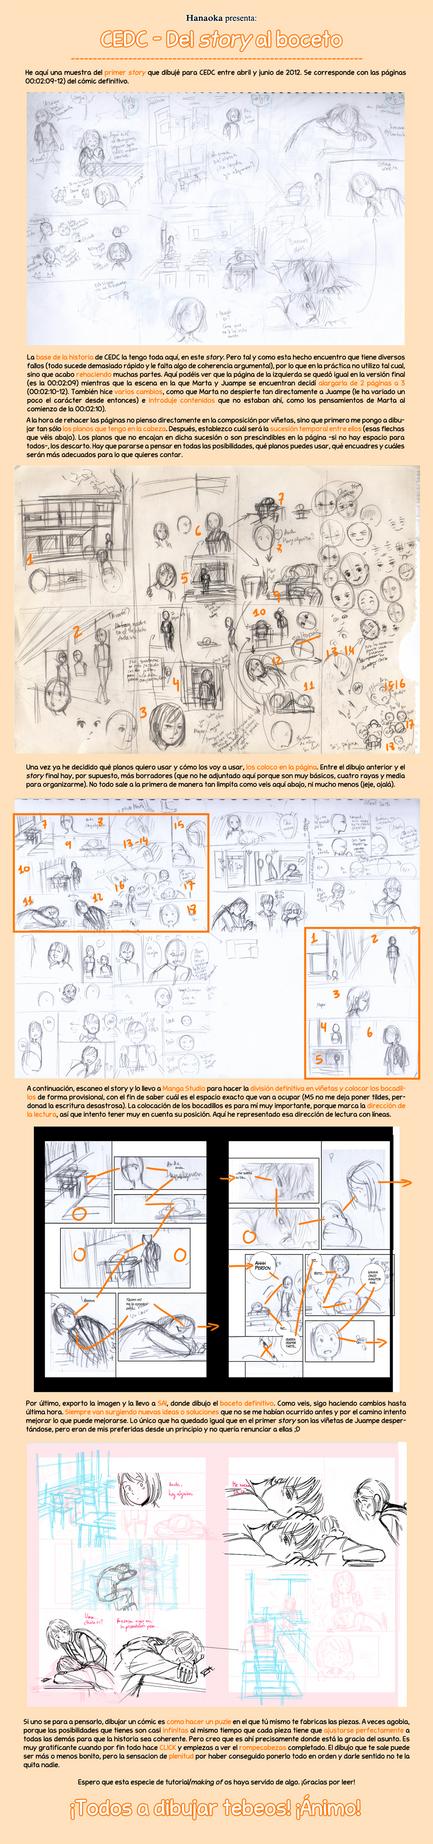 [Tutorial/Making of] [CEDC] Del story al boceto. by hanaoka-a